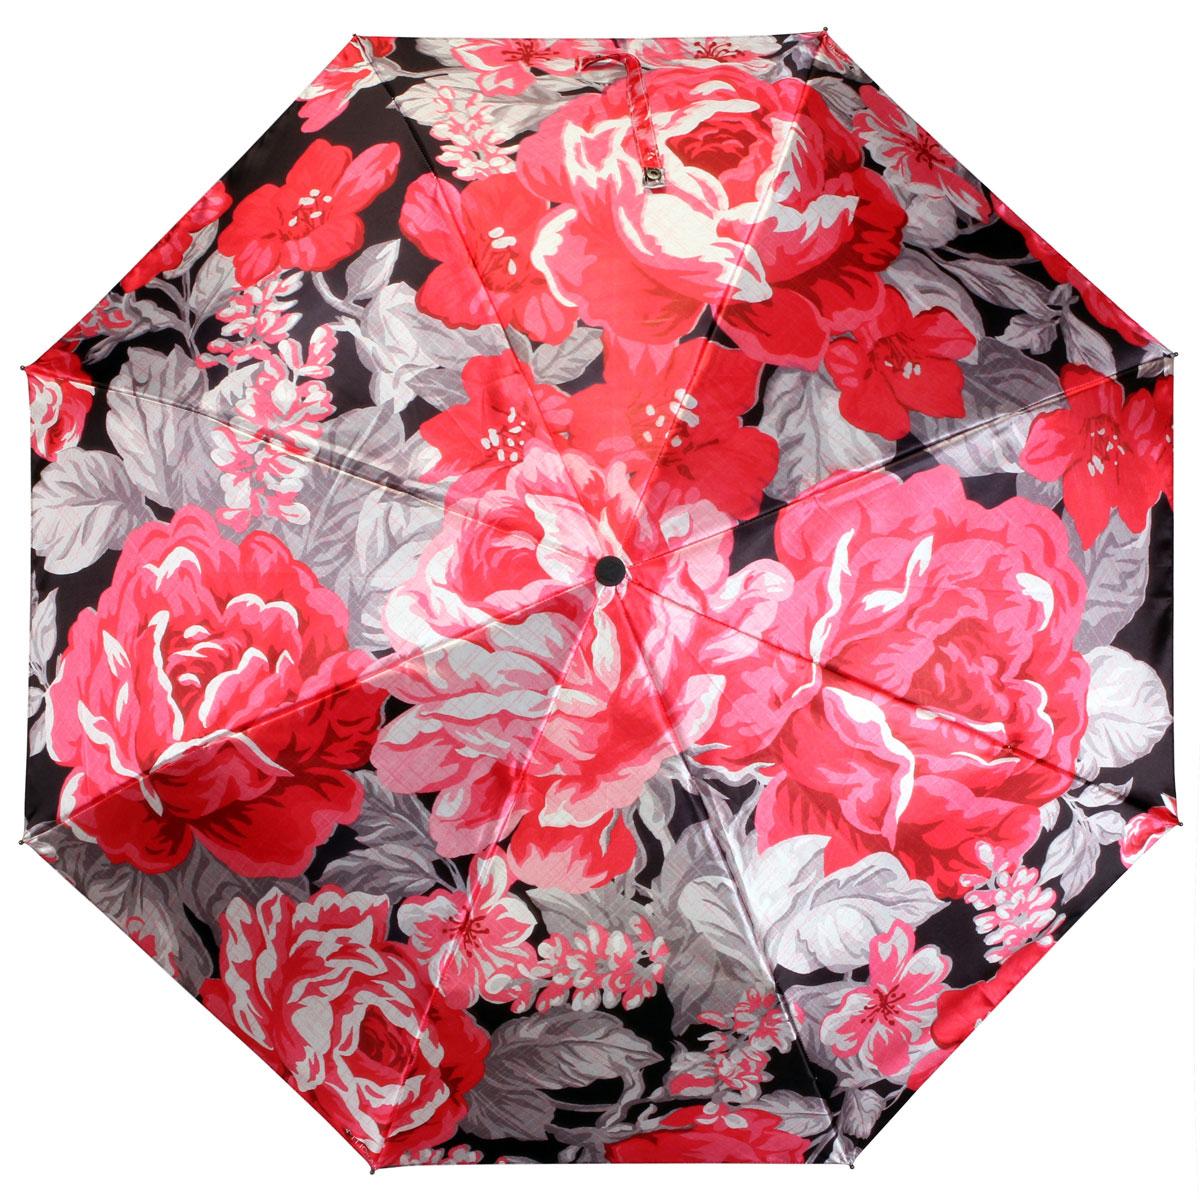 Зонт женский Flioraj Красные цветы, автомат, 3 сложения. 013-037FJ013-037FJСтильный автоматический зонт Flioraj Красные цветы в 3 сложения даже в ненастную погоду позволит вам оставаться стильной и элегантной. Каркас зонта из анодированной стали состоит из восьми карбоновых спиц, оснащен удобной прорезиненной рукояткой. Зонт имеет полный автоматический механизм сложения: купол открывается и закрывается нажатием кнопки на рукоятке, стержень складывается вручную до характерного щелчка, благодаря чему открыть и закрыть зонт можно одной рукой, что чрезвычайно удобно при входе в транспорт или помещение. Купол зонта выполнен из прочного сатина черного цвета и оформлен изображением красных роз. На рукоятке для удобства есть небольшой шнурок-резинка, позволяющий надеть зонт на руку тогда, когда это будет необходимо. К зонту прилагается чехол.